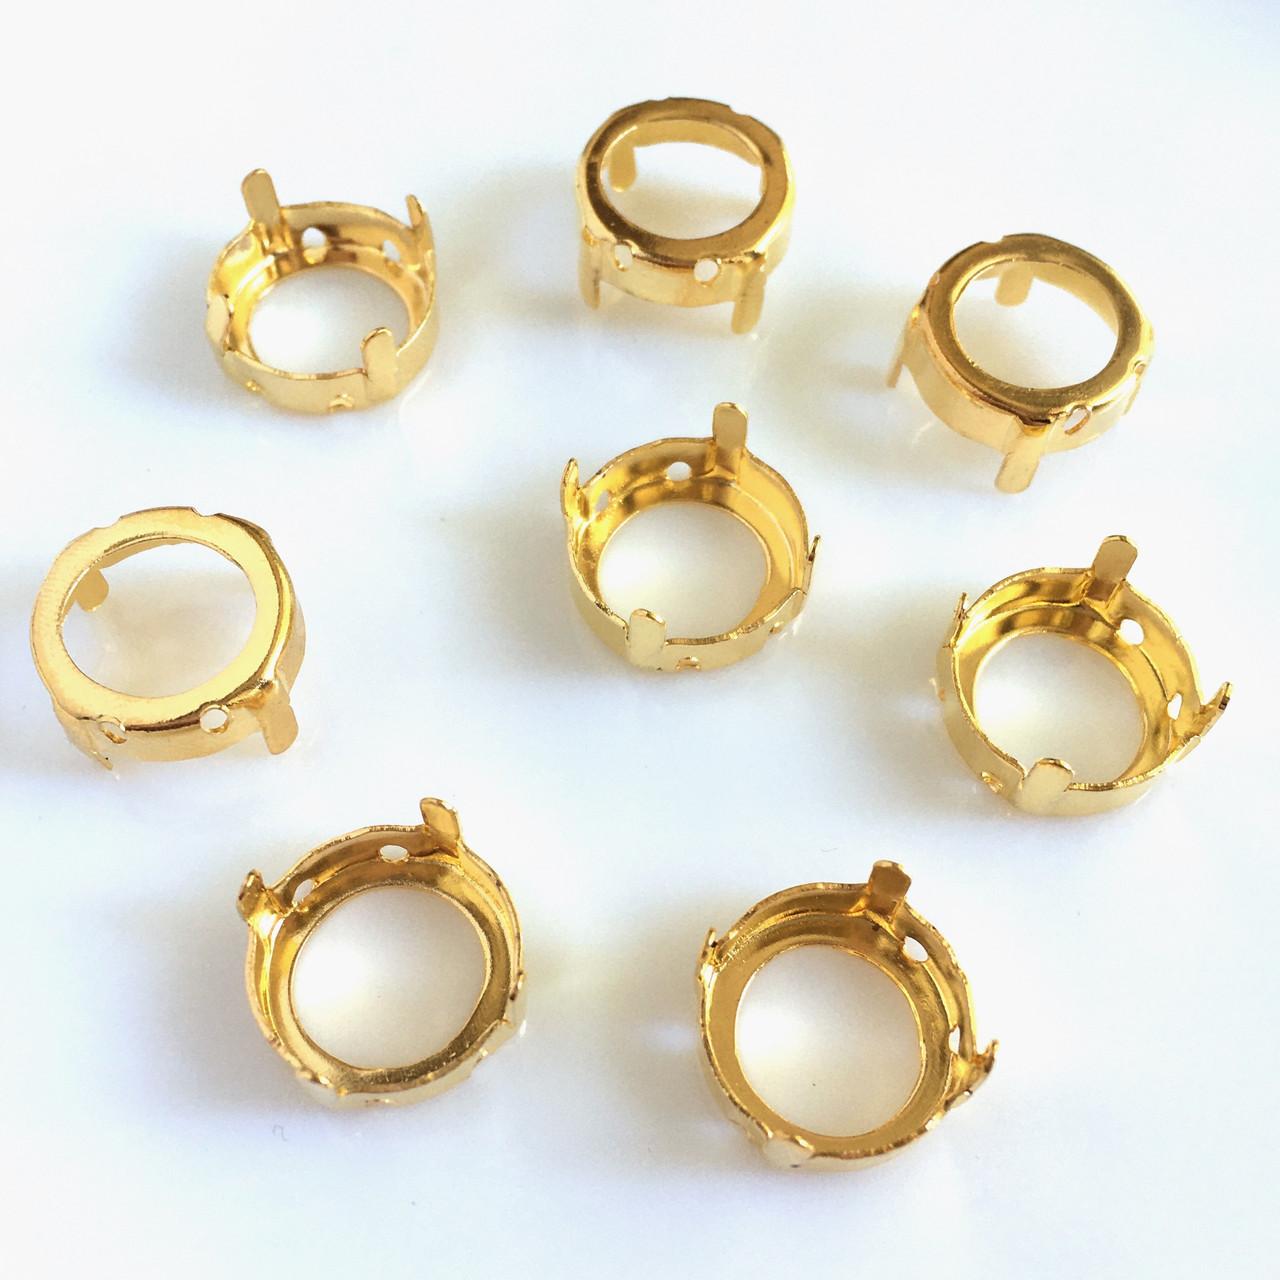 Цапы (оправа) Круглые 14 мм. Золото